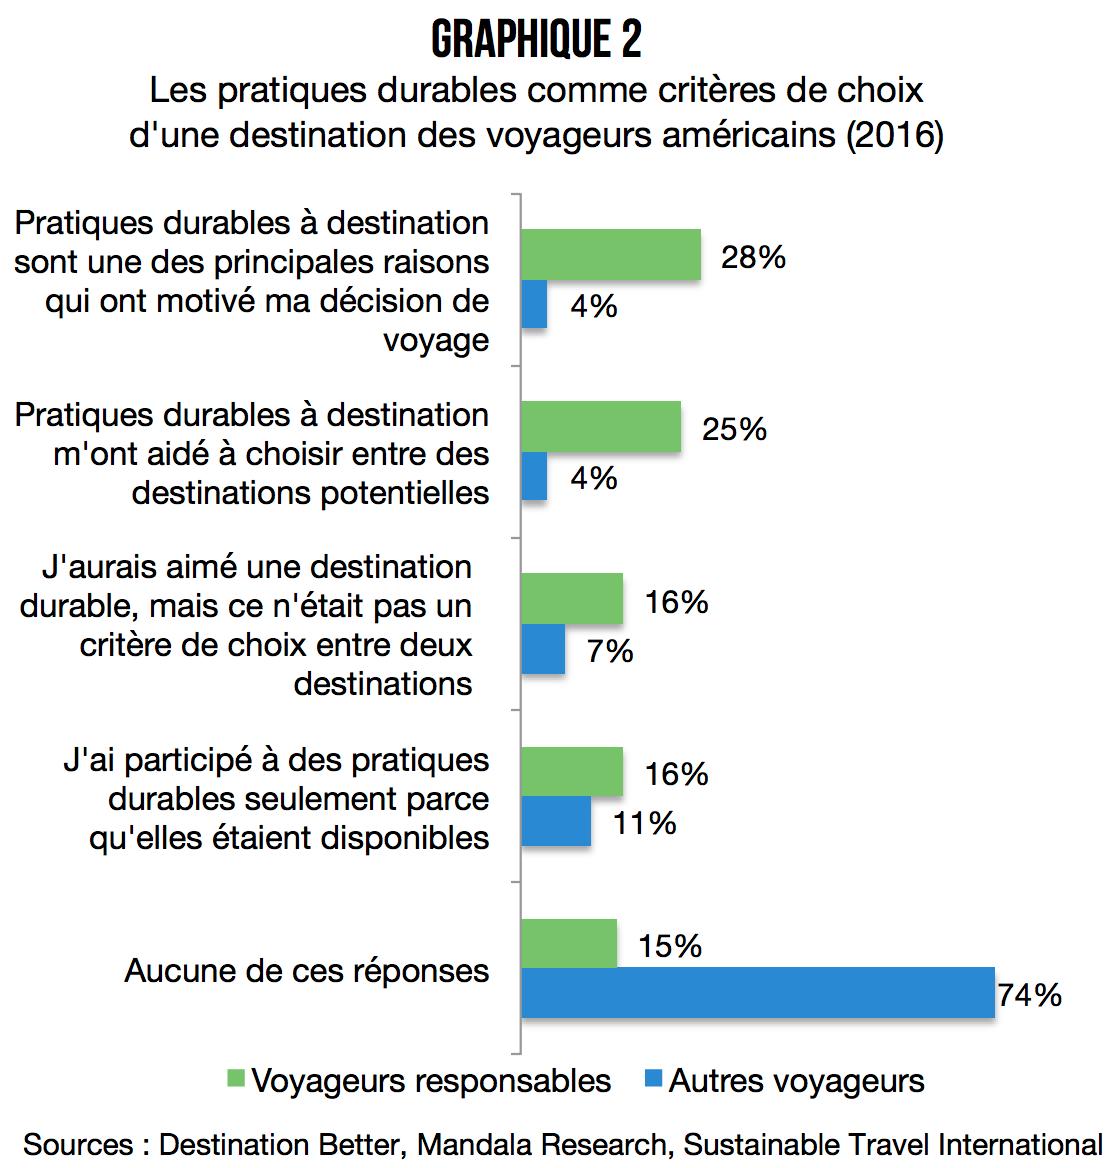 portrait_voyageur_responsable_criteres_choix_destination_tourisme_durable